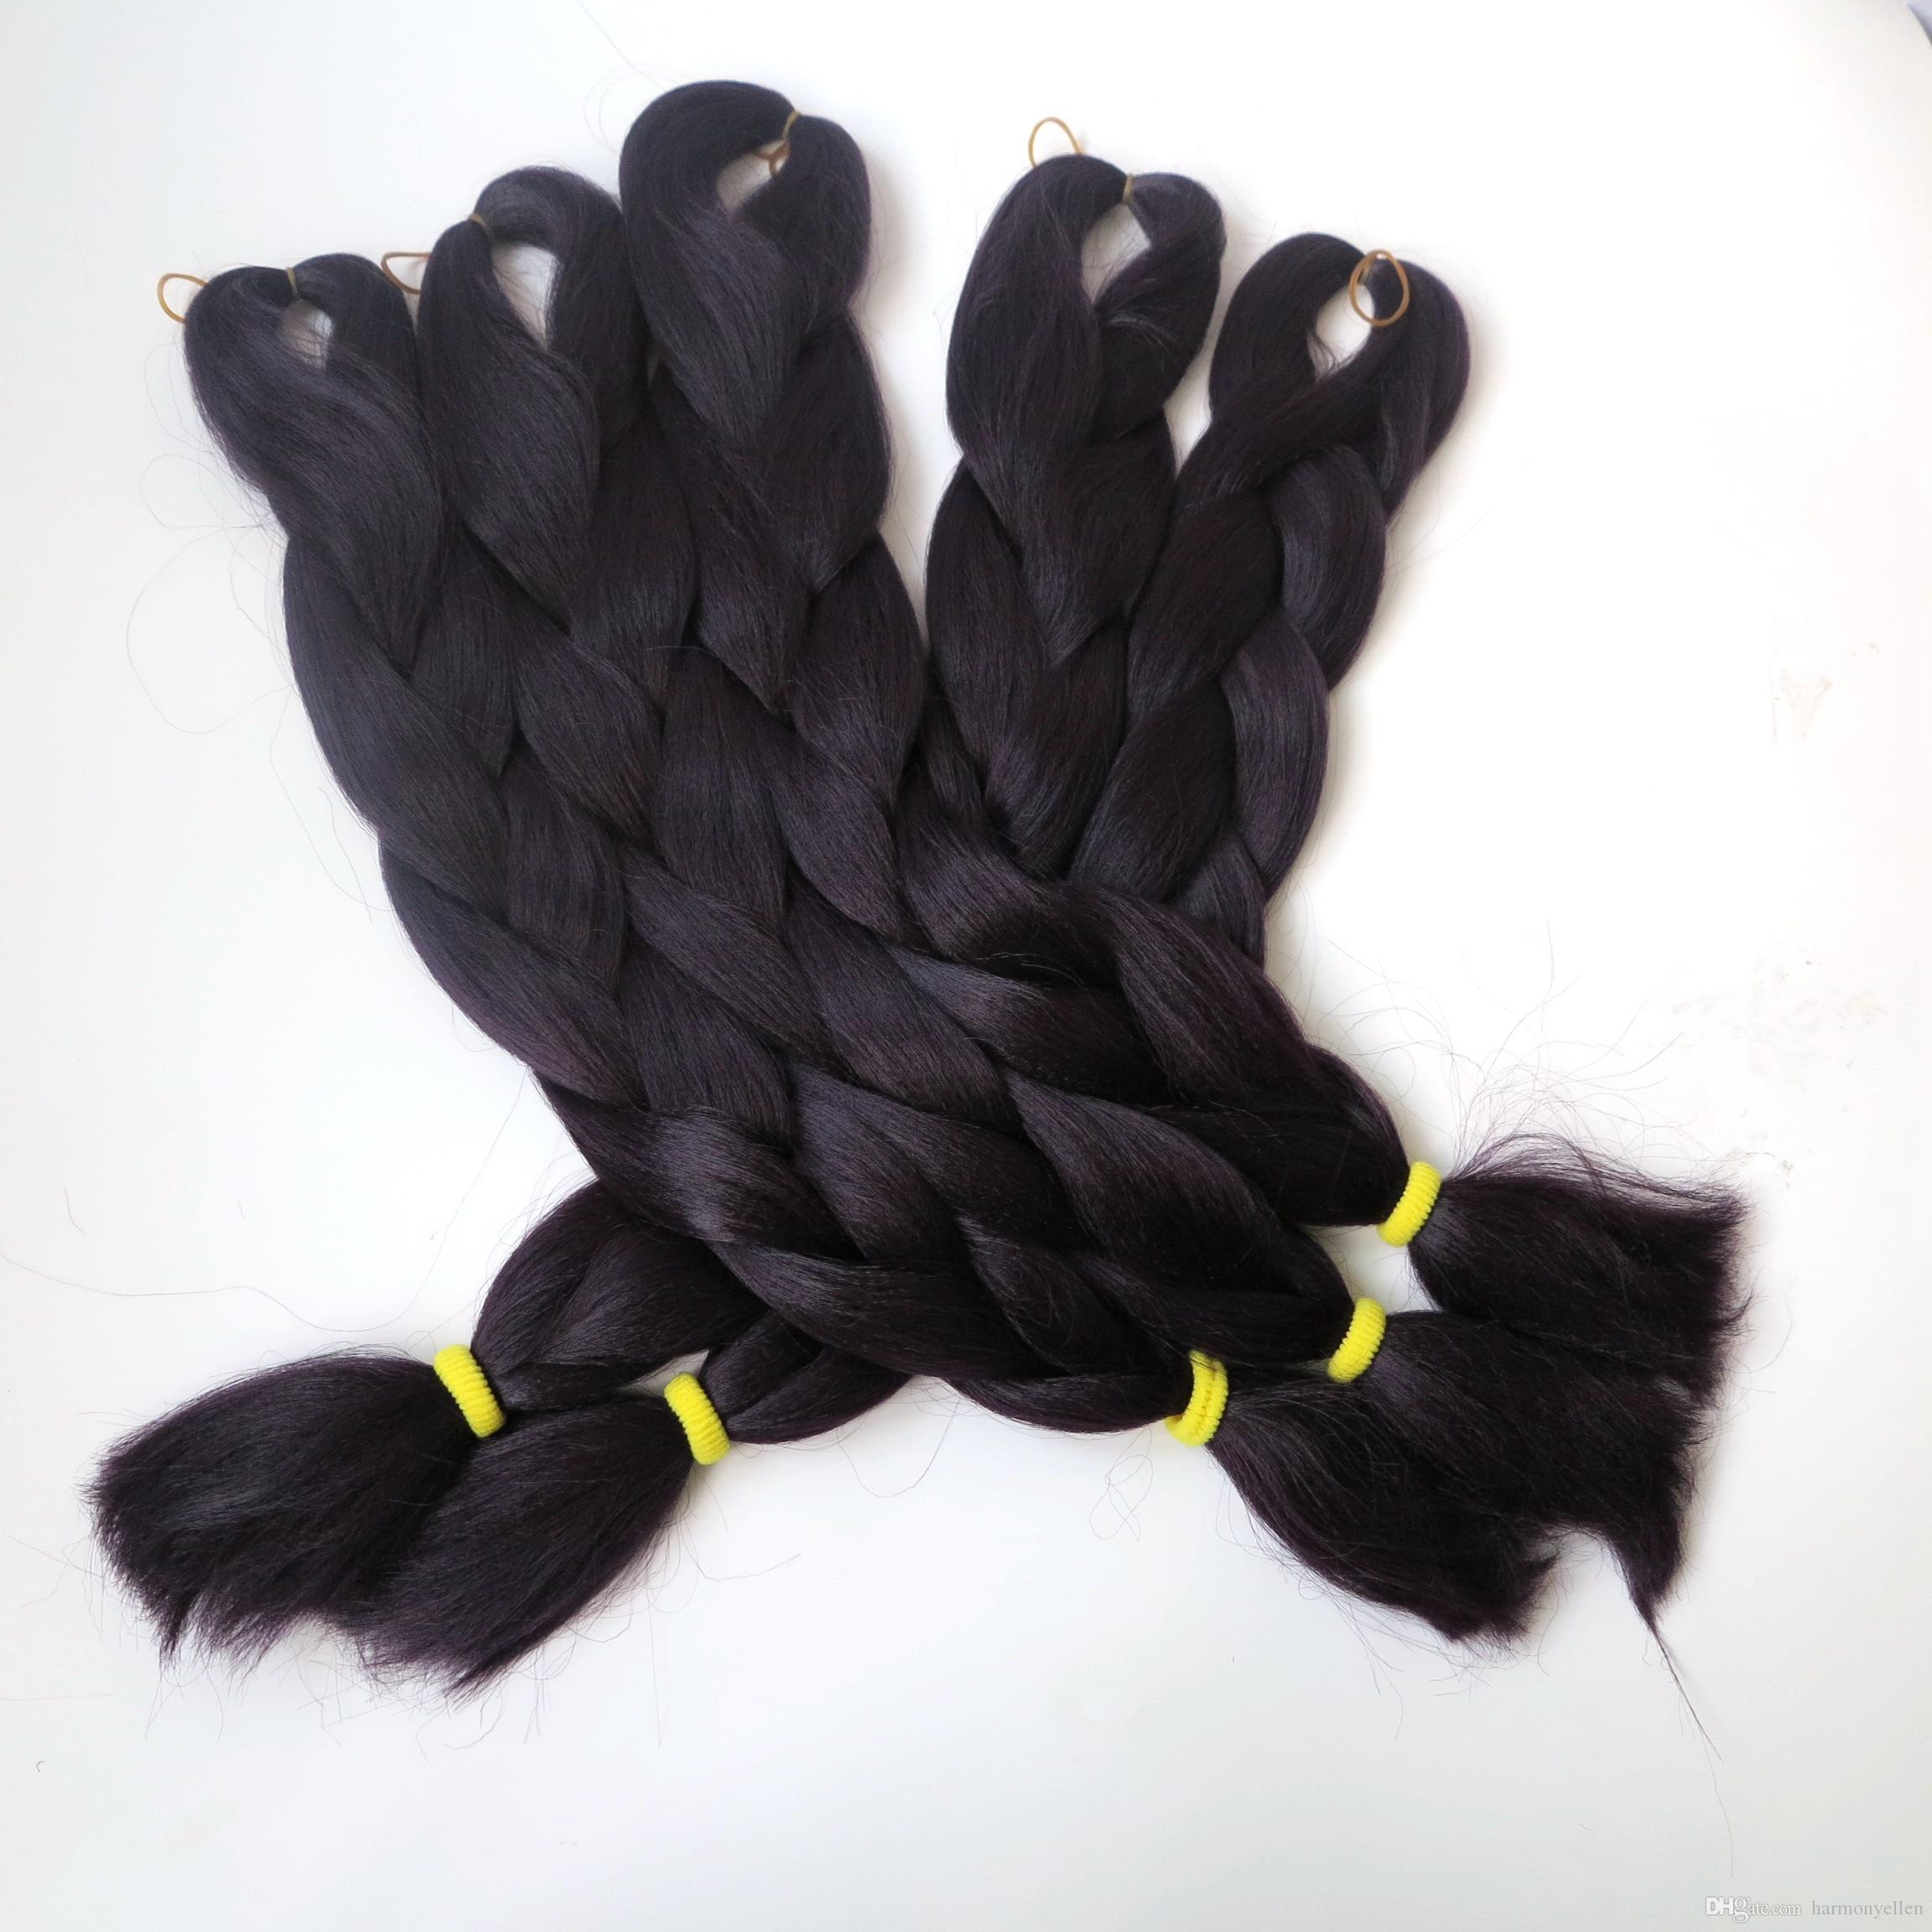 100% Kanekalon Jumbo Braid Hair 24 Inch Синтетическое наращивание волос наращивание волос Kanekalon Черный кофе Цвет Плетение волос T3903